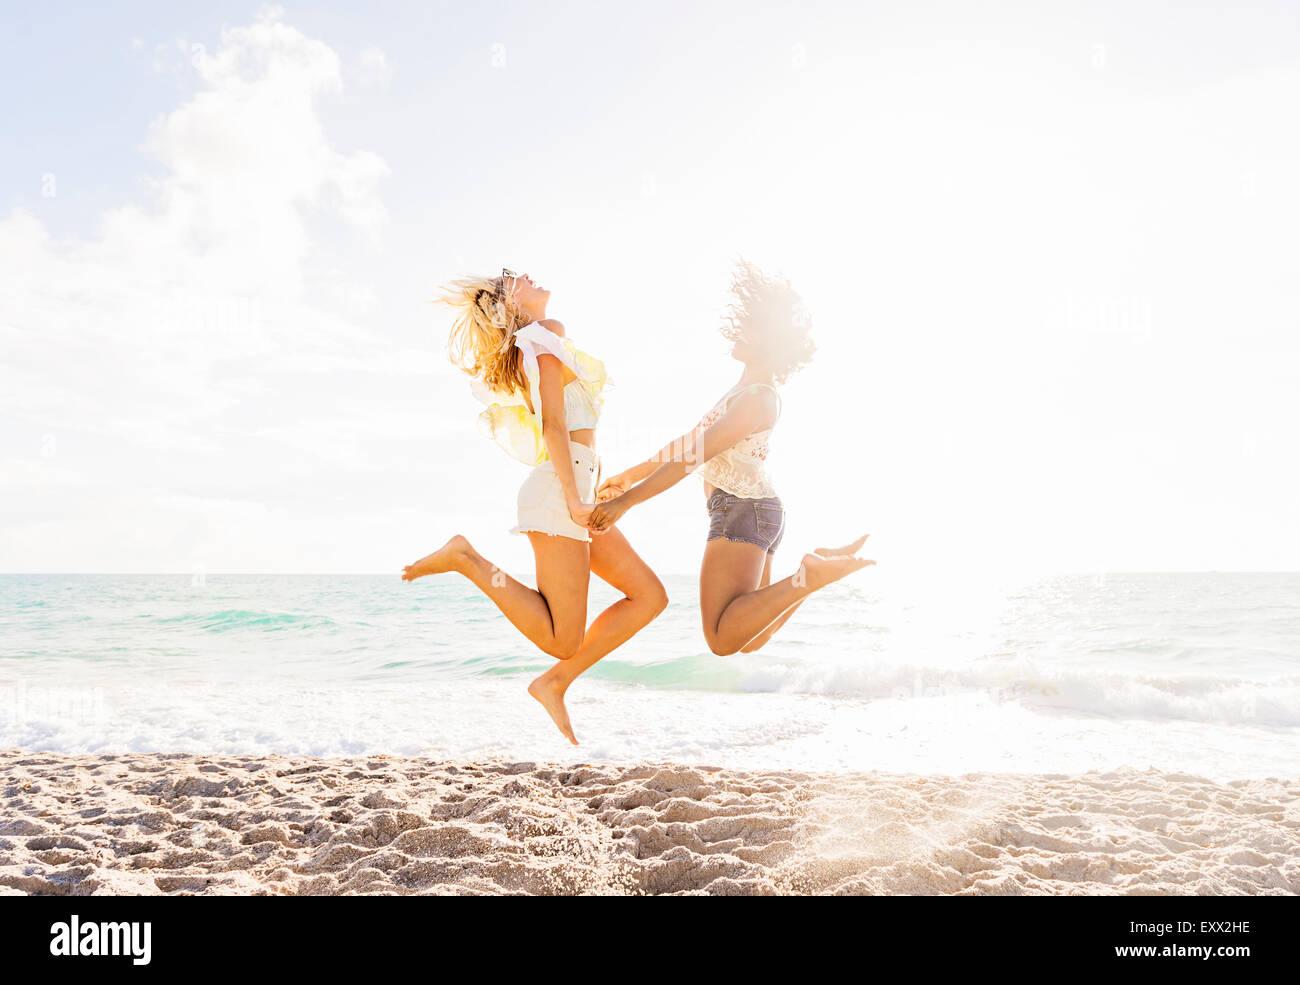 Freundinnen am Strand springen Stockbild